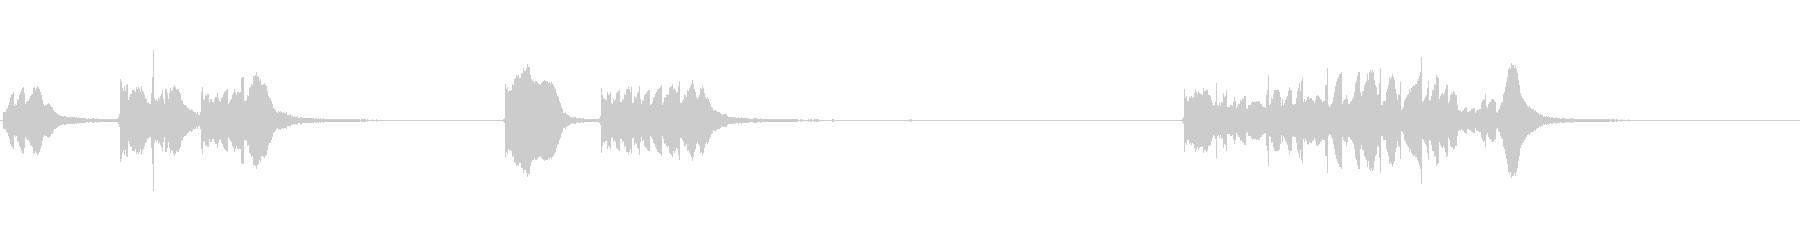 電子武器:右、レーザー、SCI F...の未再生の波形